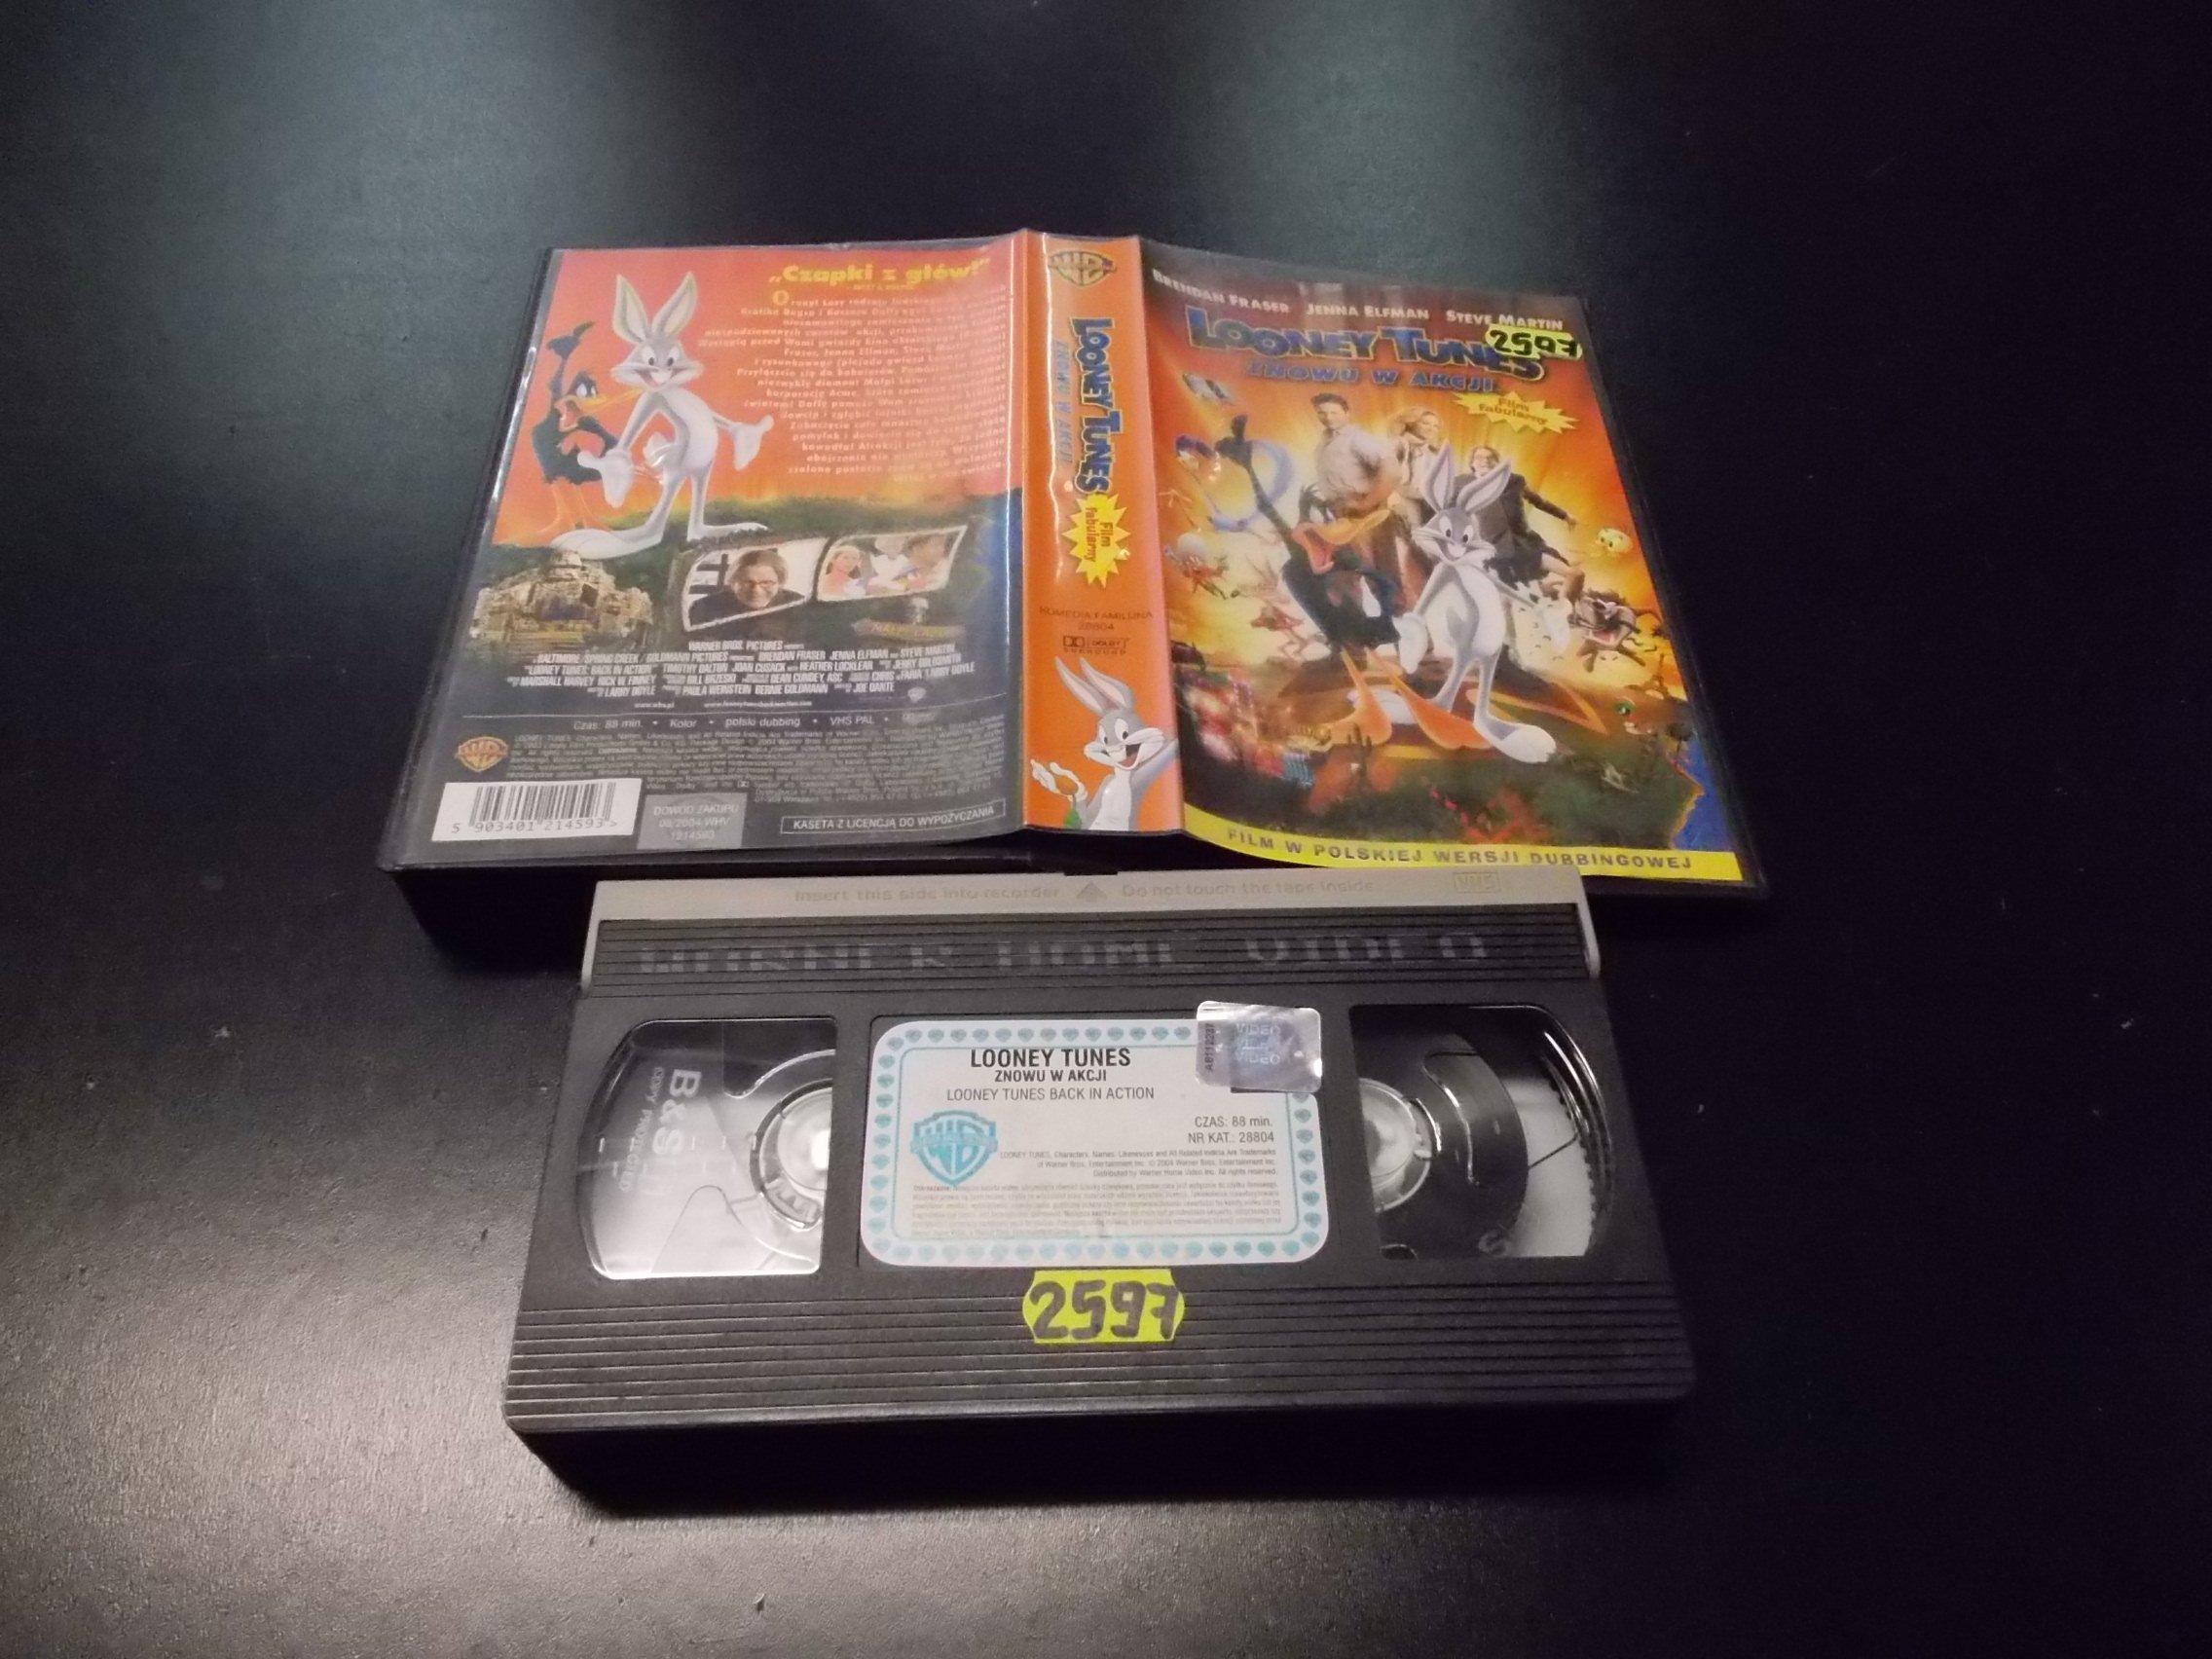 LOONEY TUNES ZNOWU W AKCJI -  kaseta VHS - 1154 Opole - AlleOpole.pl